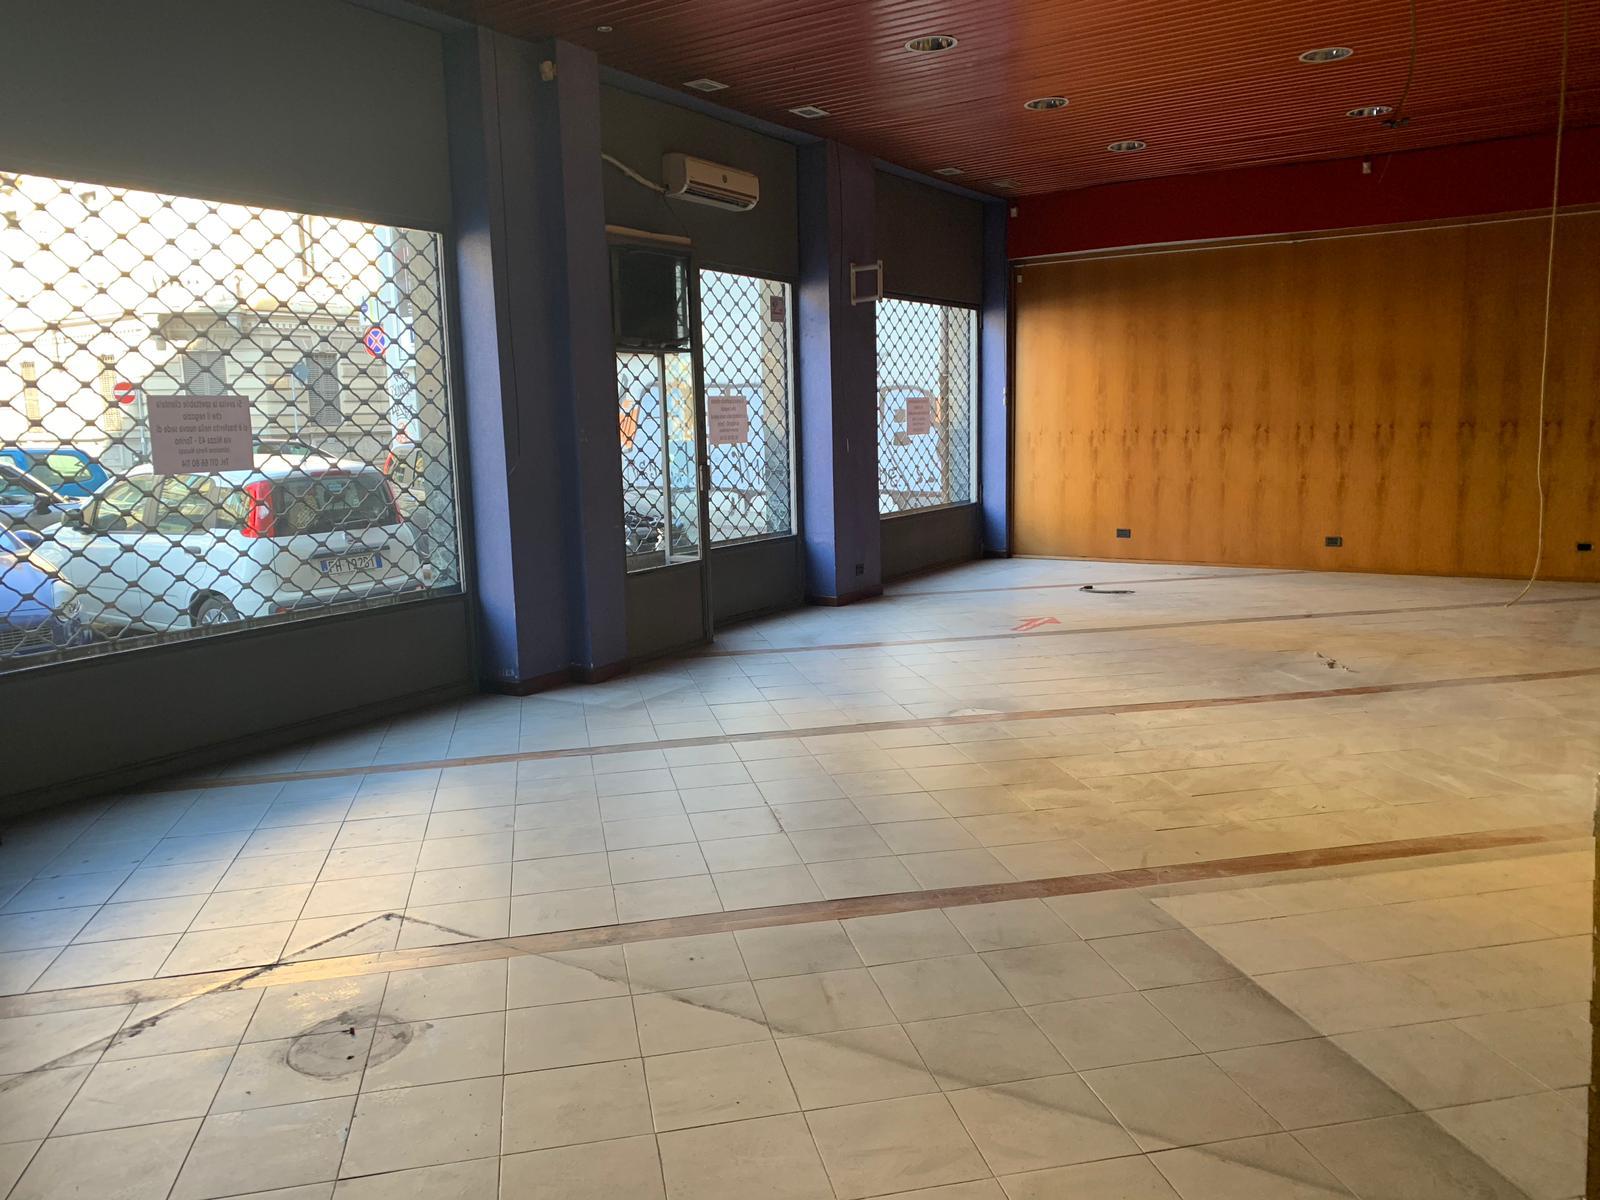 Locale commerciale in locazione – Via Valperga Caluso 16H, Torino